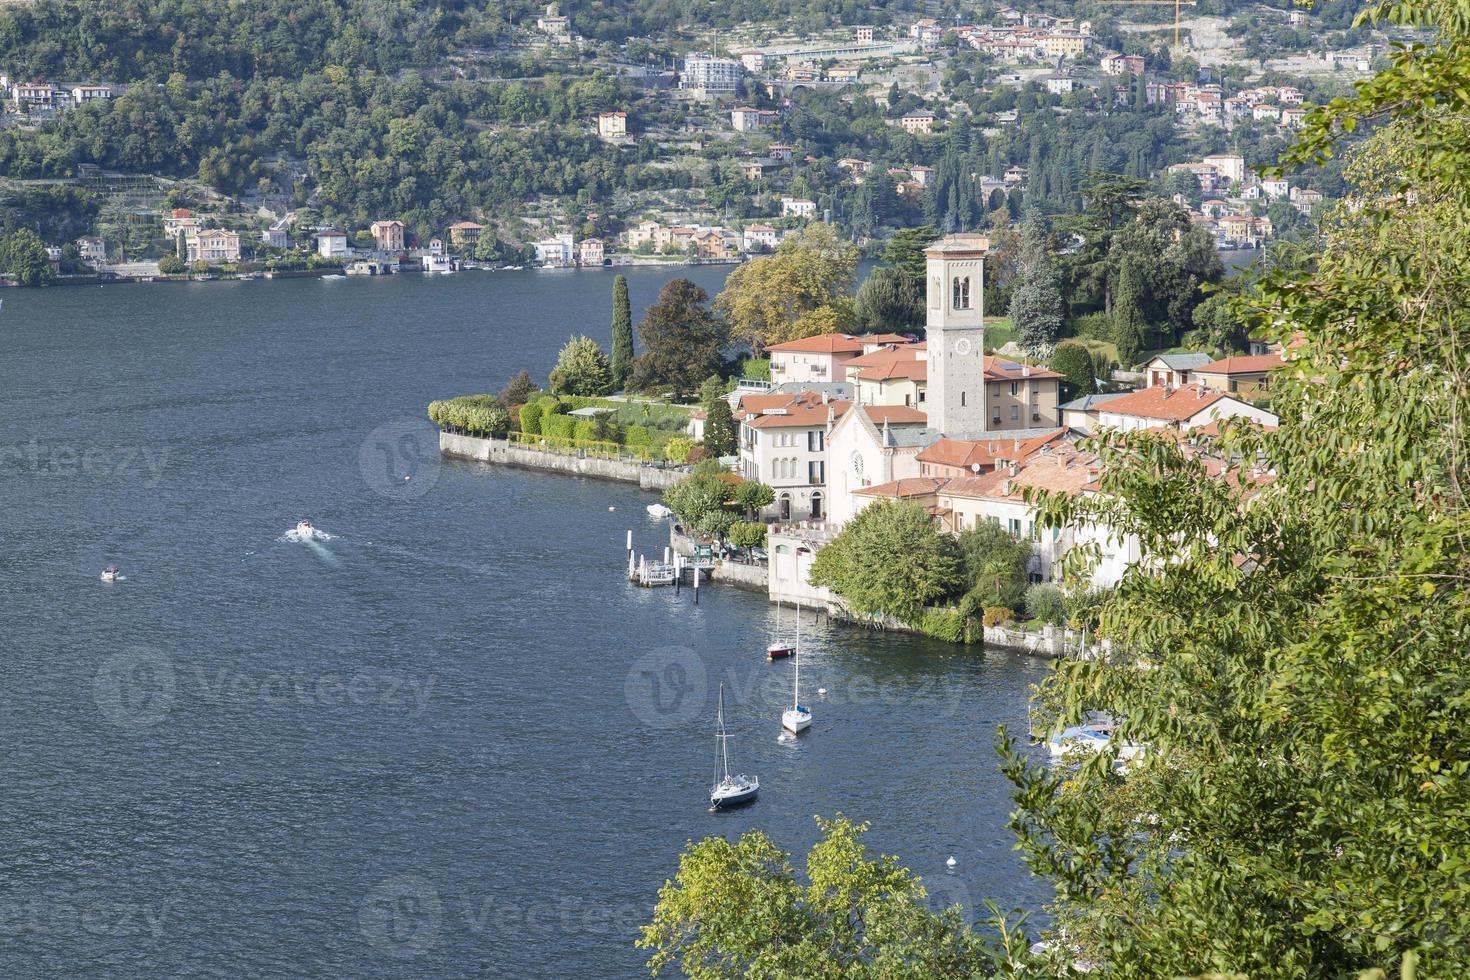 como lago, italia, otoño foto